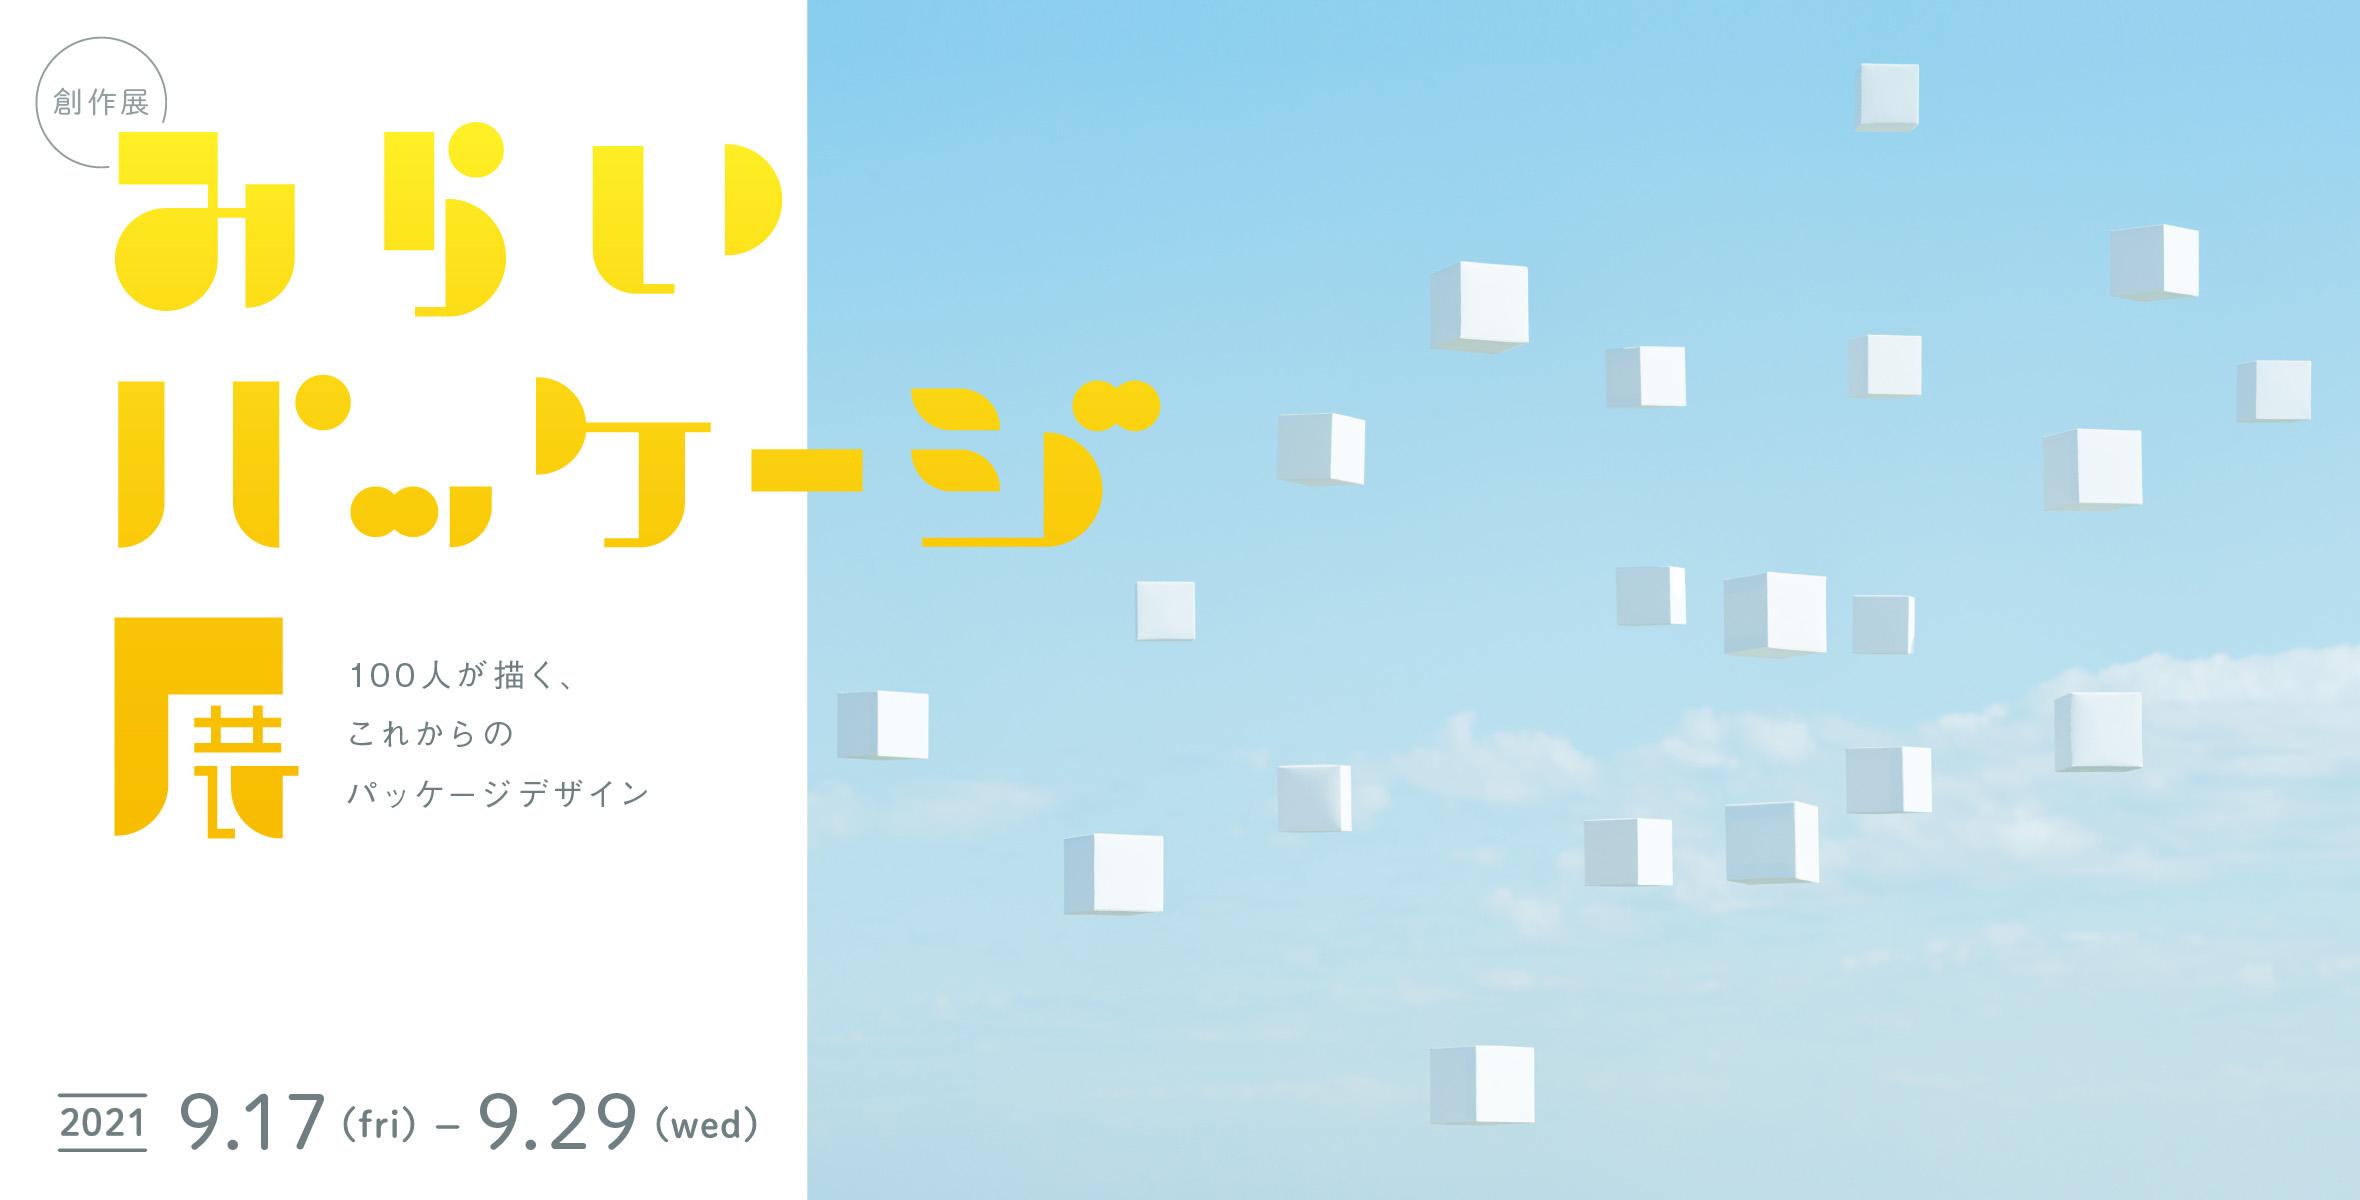 JPDA60周年記念事業 創作展 「みらいパッケージ展」100人が描く、これからのパッケージデザインのイメージ